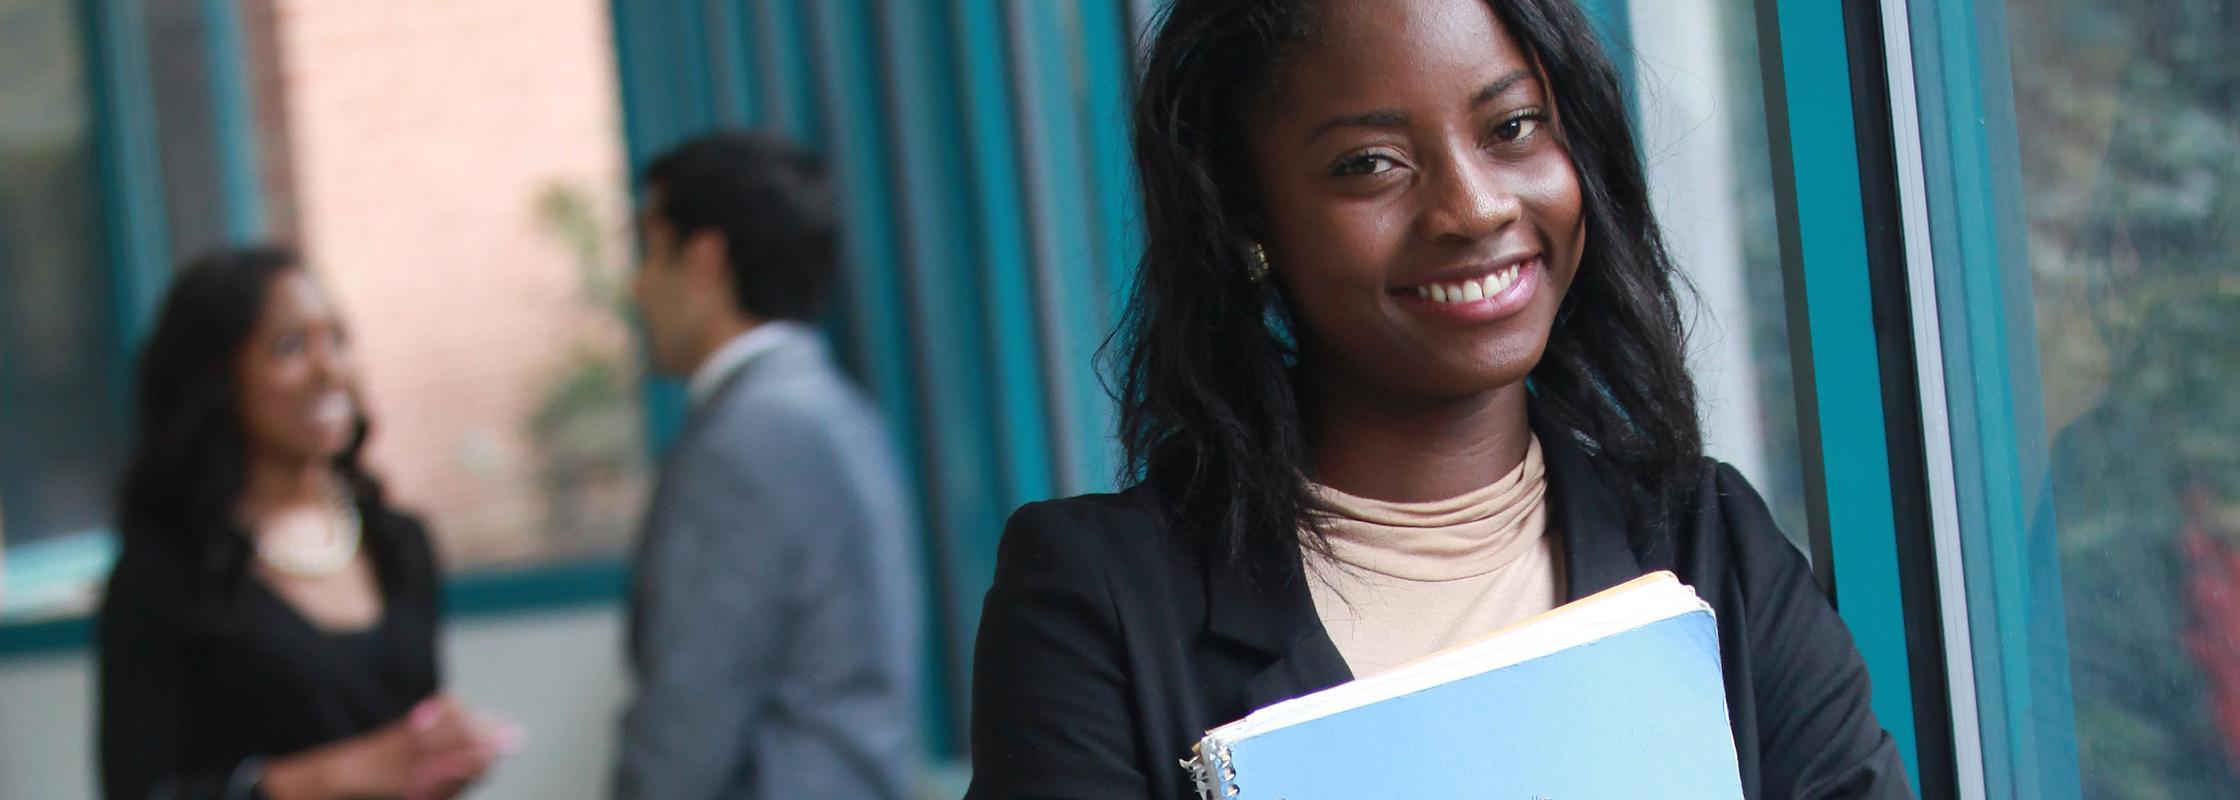 DSU student carrying textbook